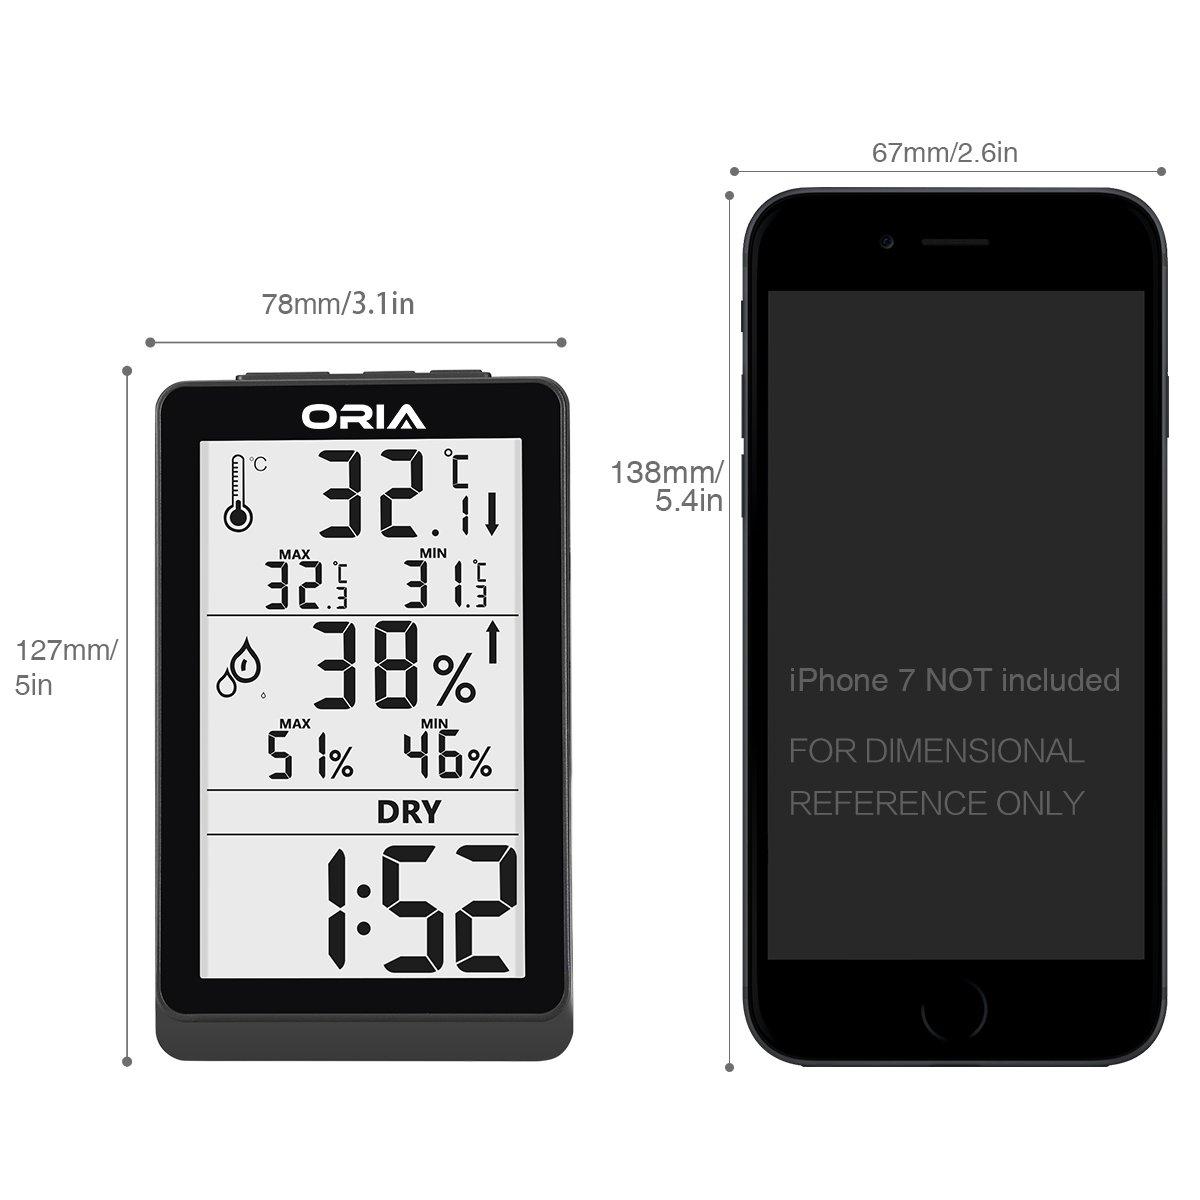 monitor con retroiluminaci/ón LCD grande Oria Term/ómetro higr/ómetro digital almac/én registros de m/ínimo y m/áximo coch para el hogar tendencia de cambio de temperatura oficina temperatura interior y humedad